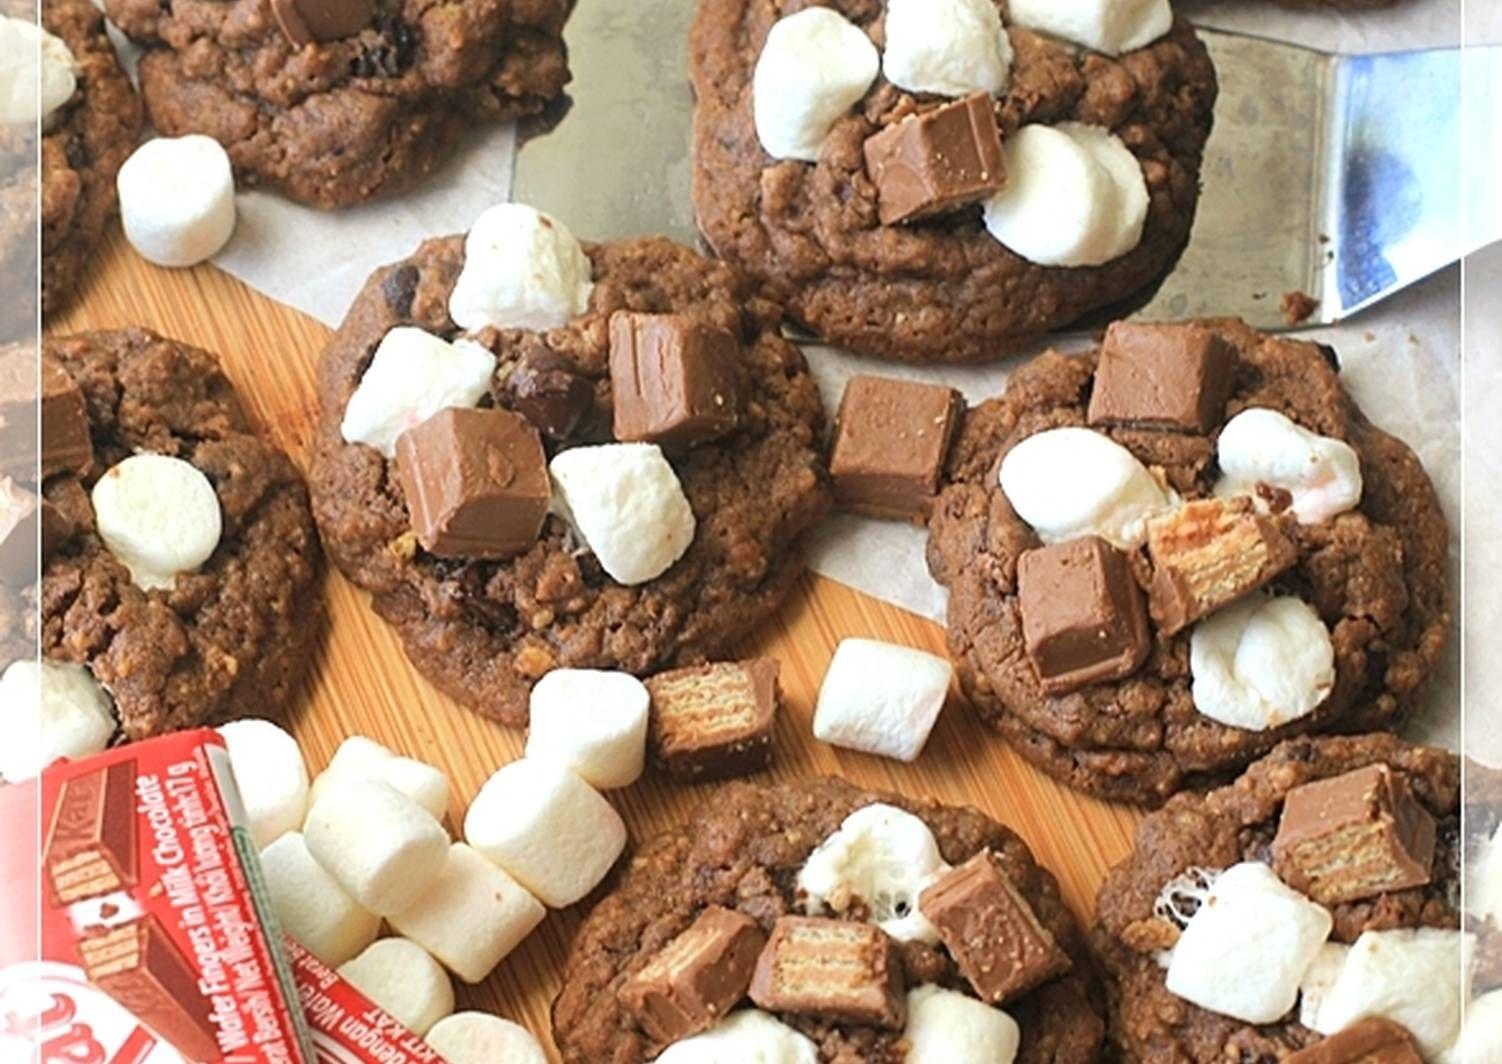 Resep S More Pudding Cookies Cookies Chewy Empukkk Pake Nutrijell Oleh Tintin Rayner Resep Resep Biskuit Fudgy Brownies Kukis Coklat